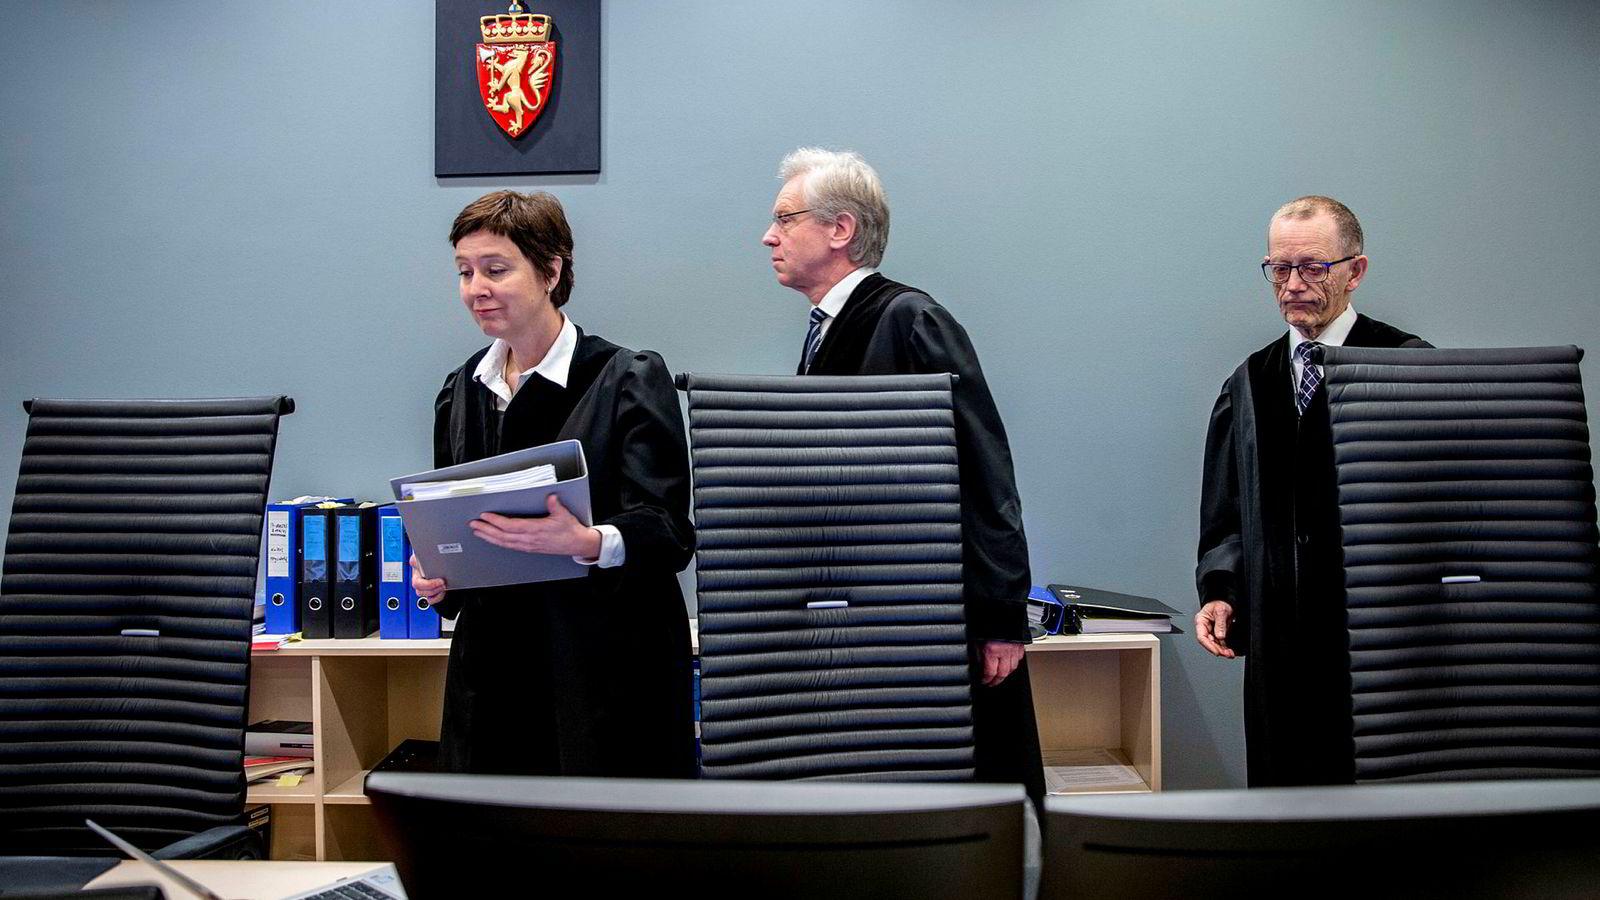 Den tidligere politmannen Eirik Jensen ble frikjent på ett punkt, men fagdommerne Kristel Heyerdahl (fra venstre), Jørgen Brunsvik og Steingrim Bull satte juryens frifinnelse til side i Norges siste jurysak.